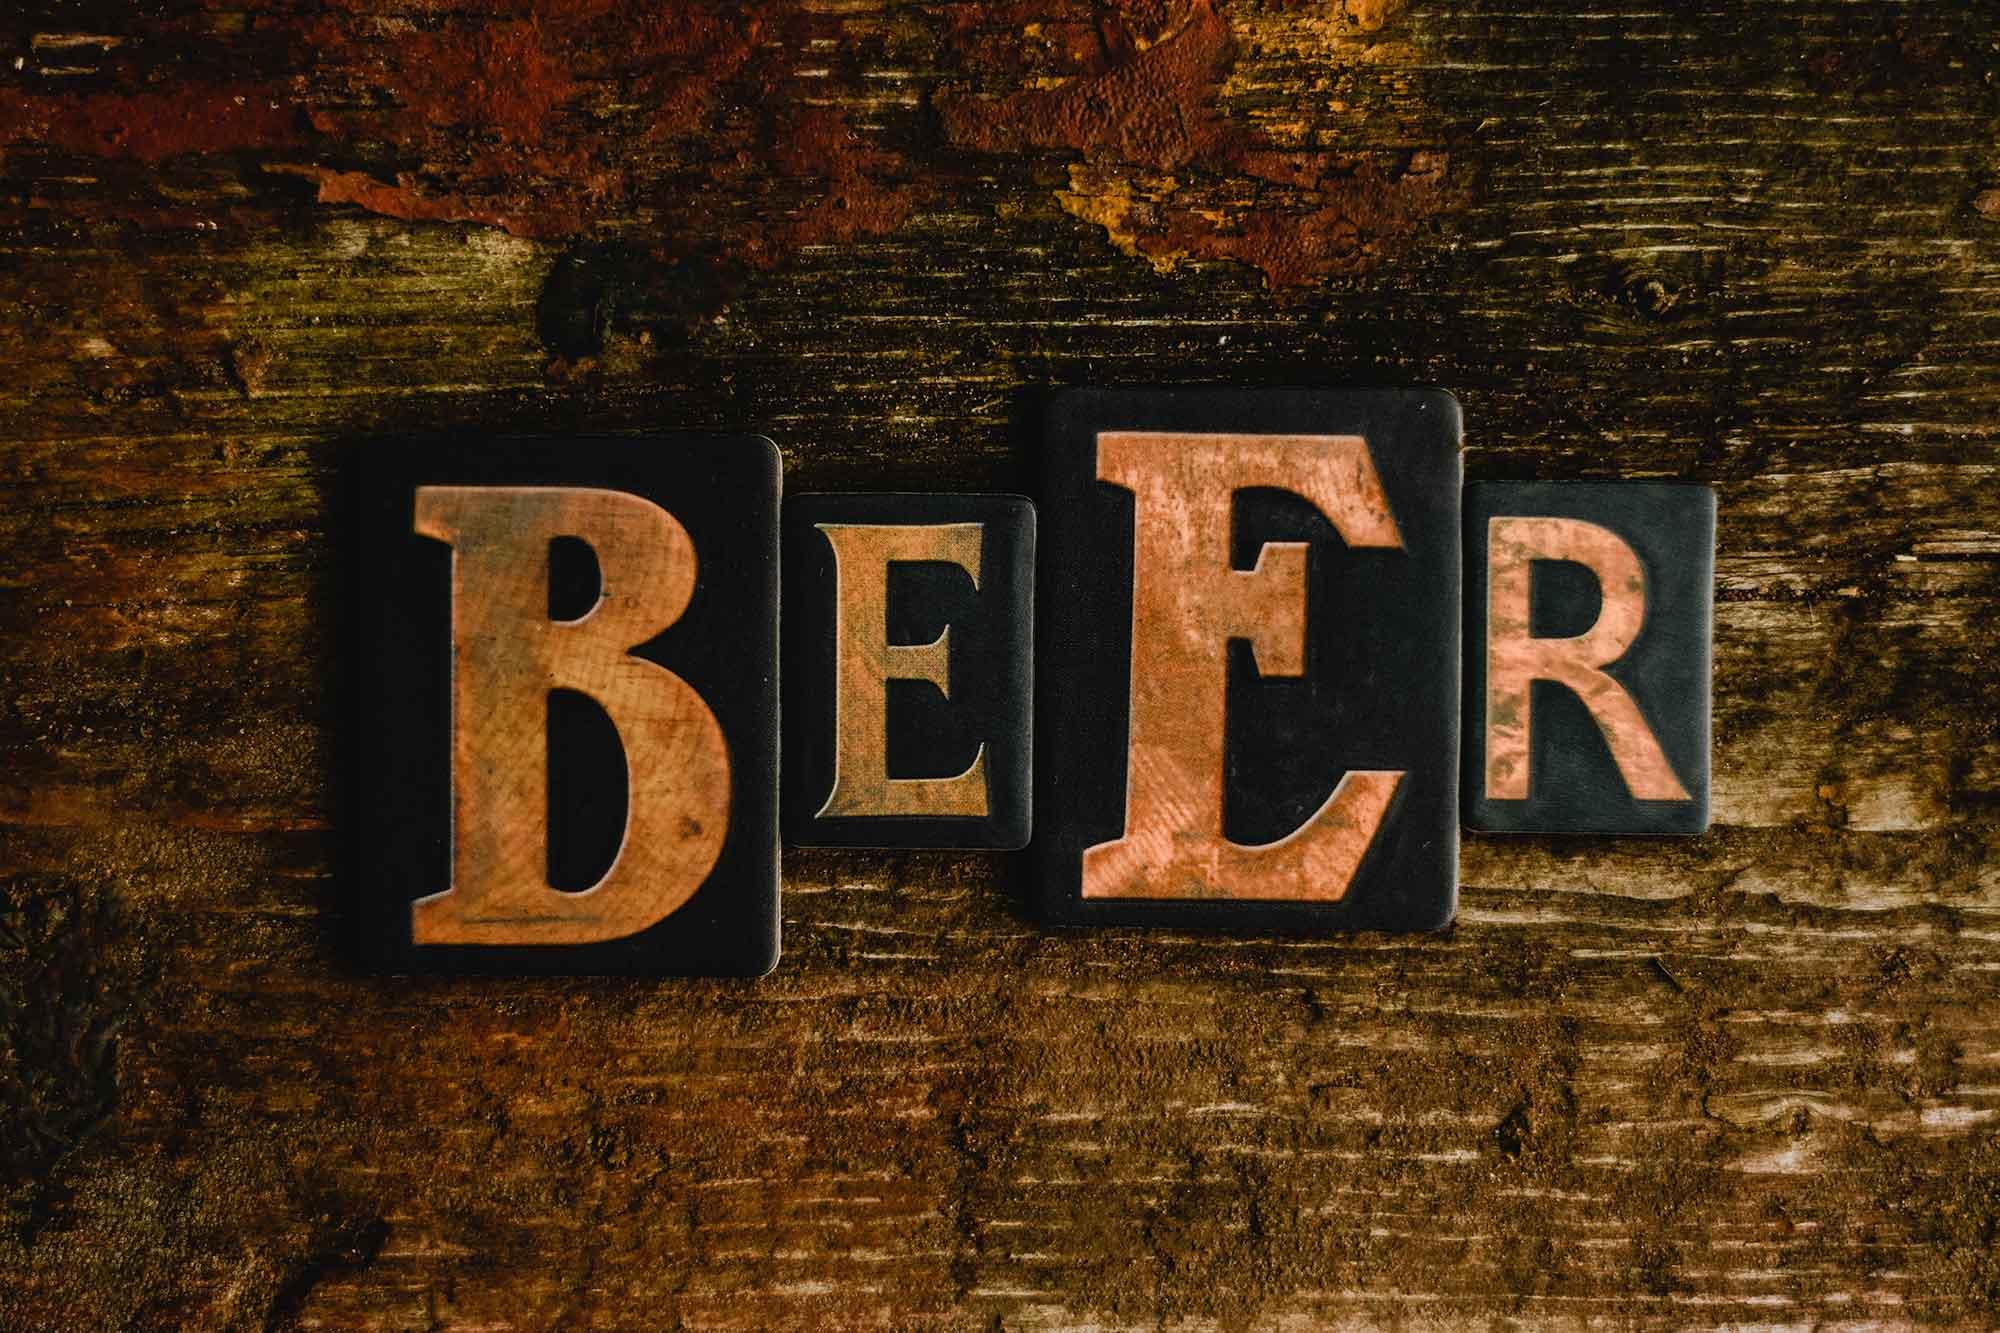 Die-cut beer sign